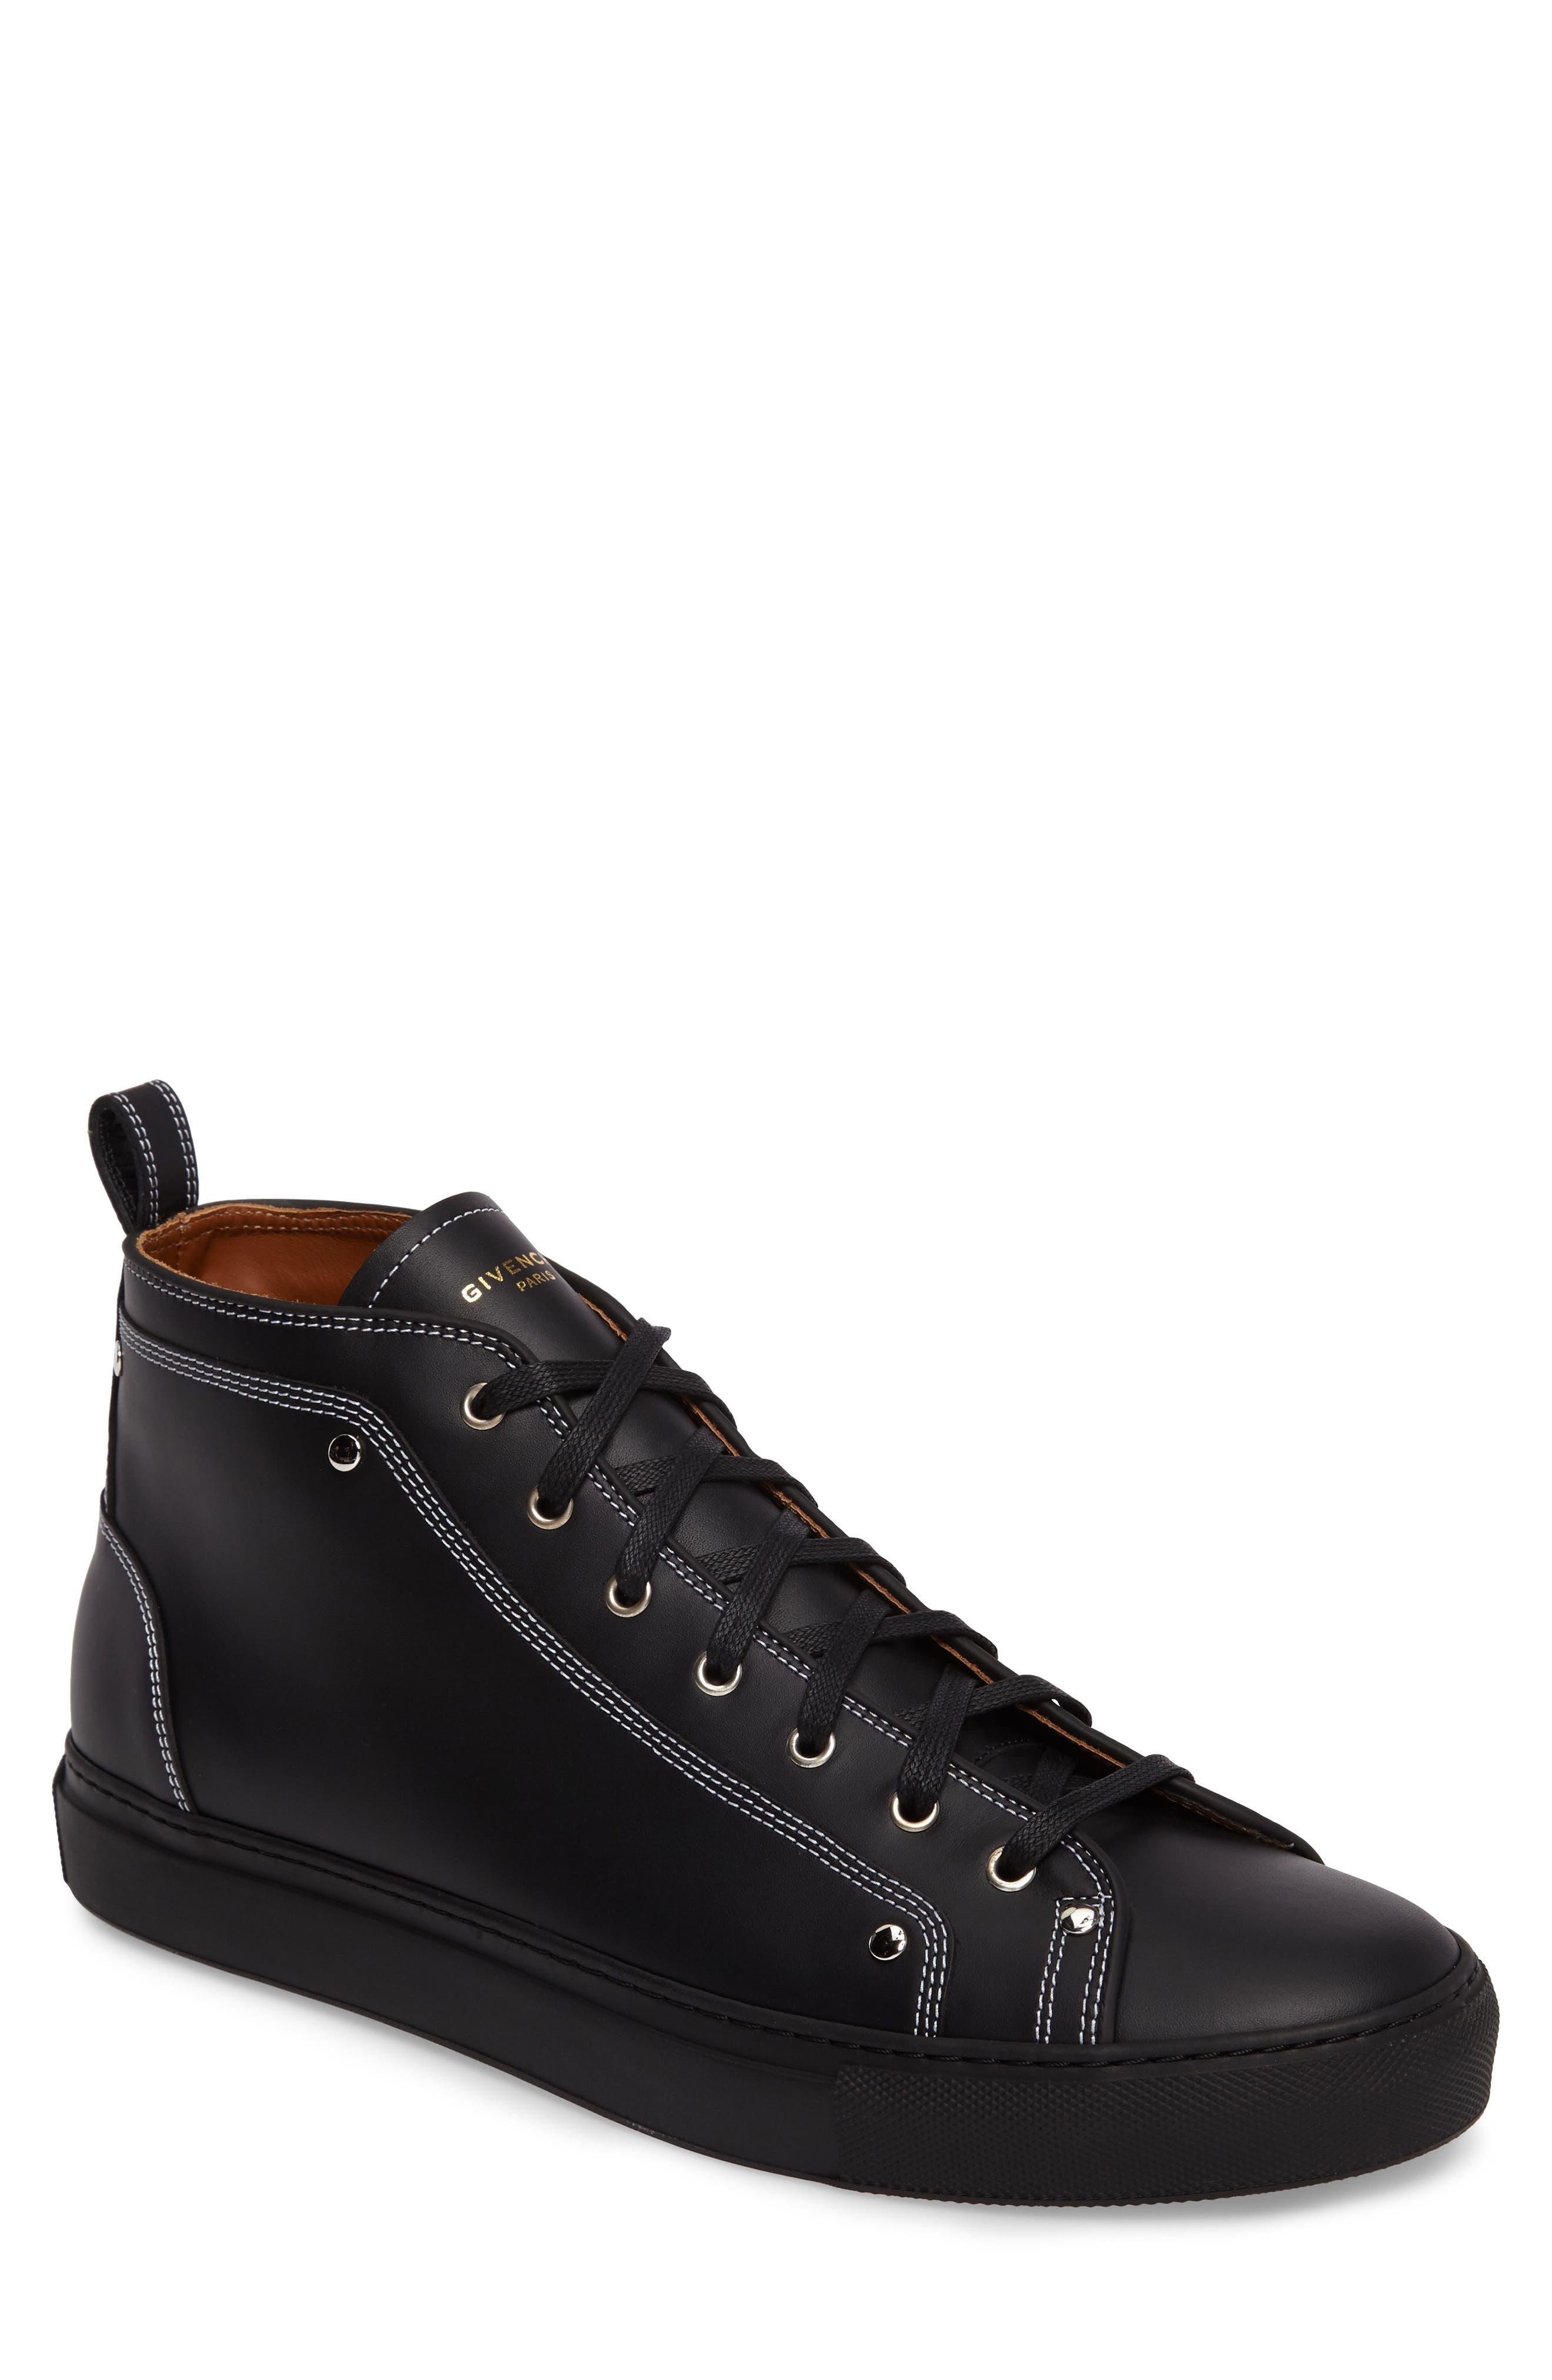 Givenchy High Top Sneaker (Men)